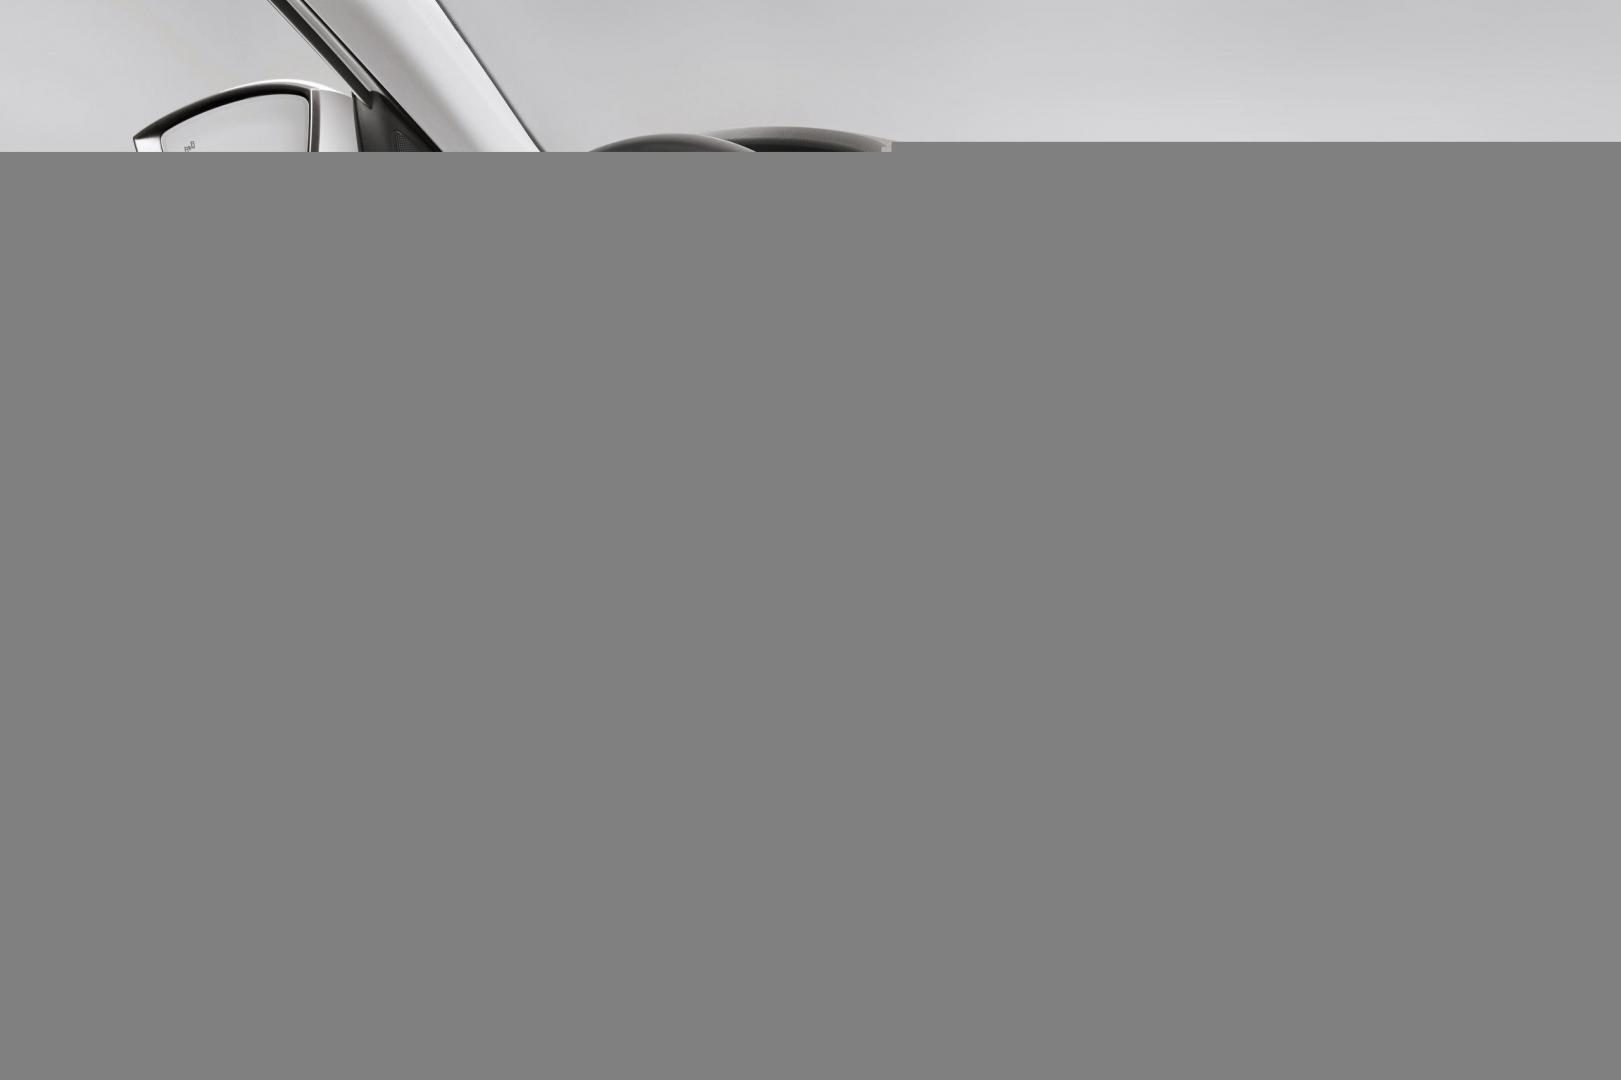 skoda-kodiaq-14-tsi-4x4-test-drives-2017